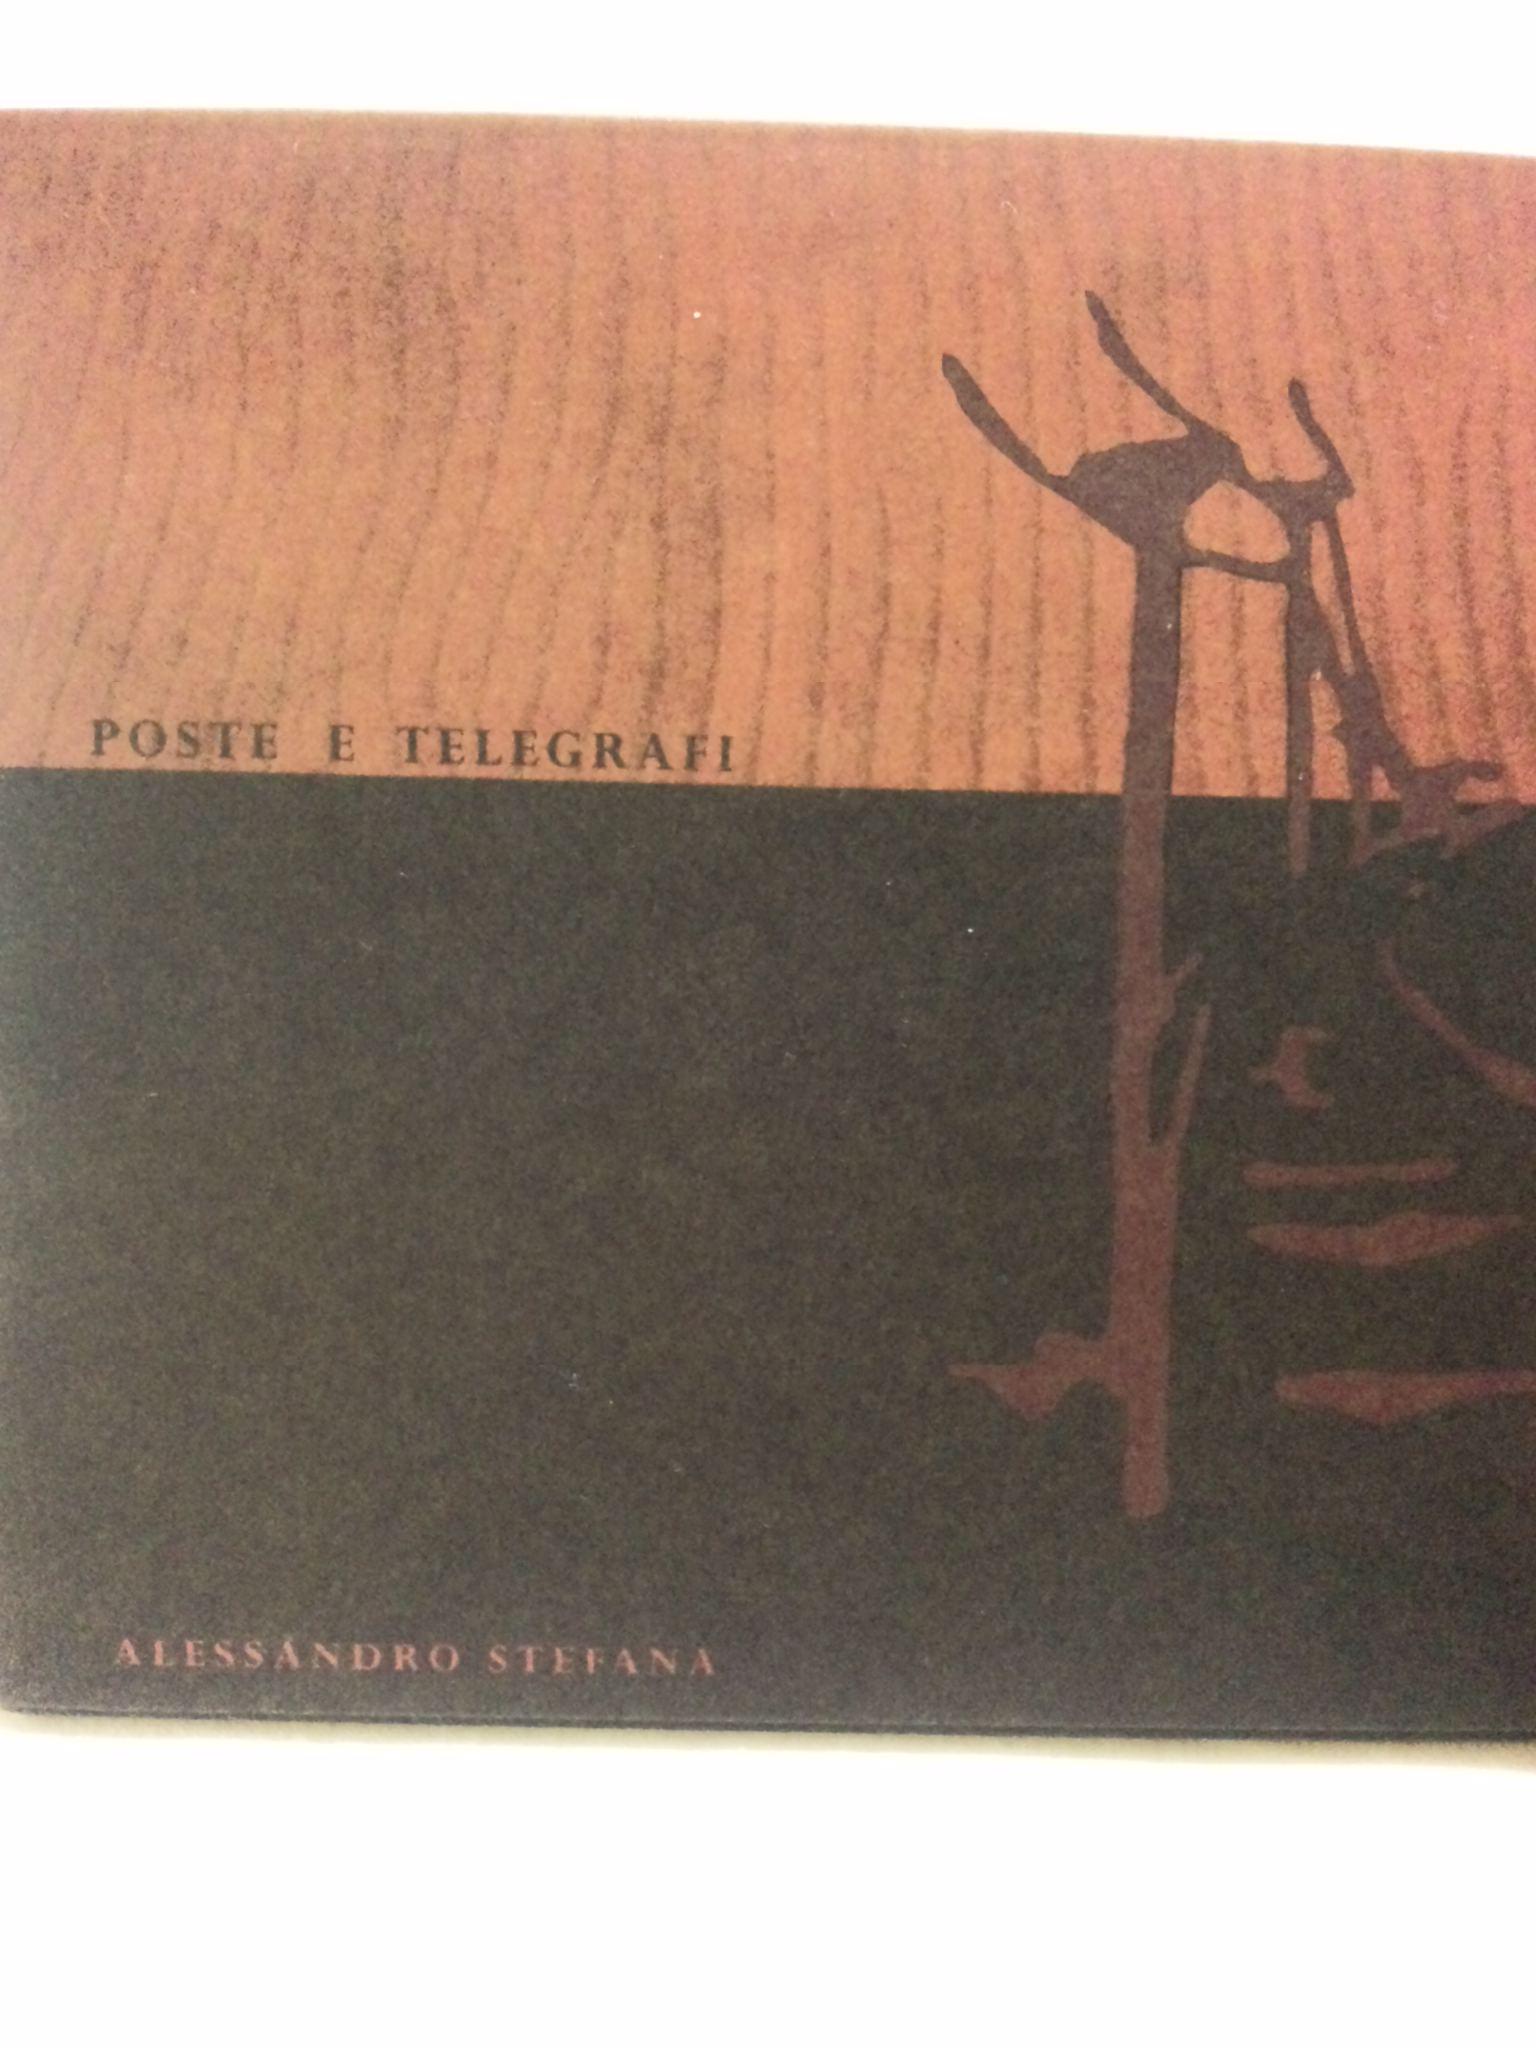 ALESSANDRO STEFANA;POST E TELEGRFI